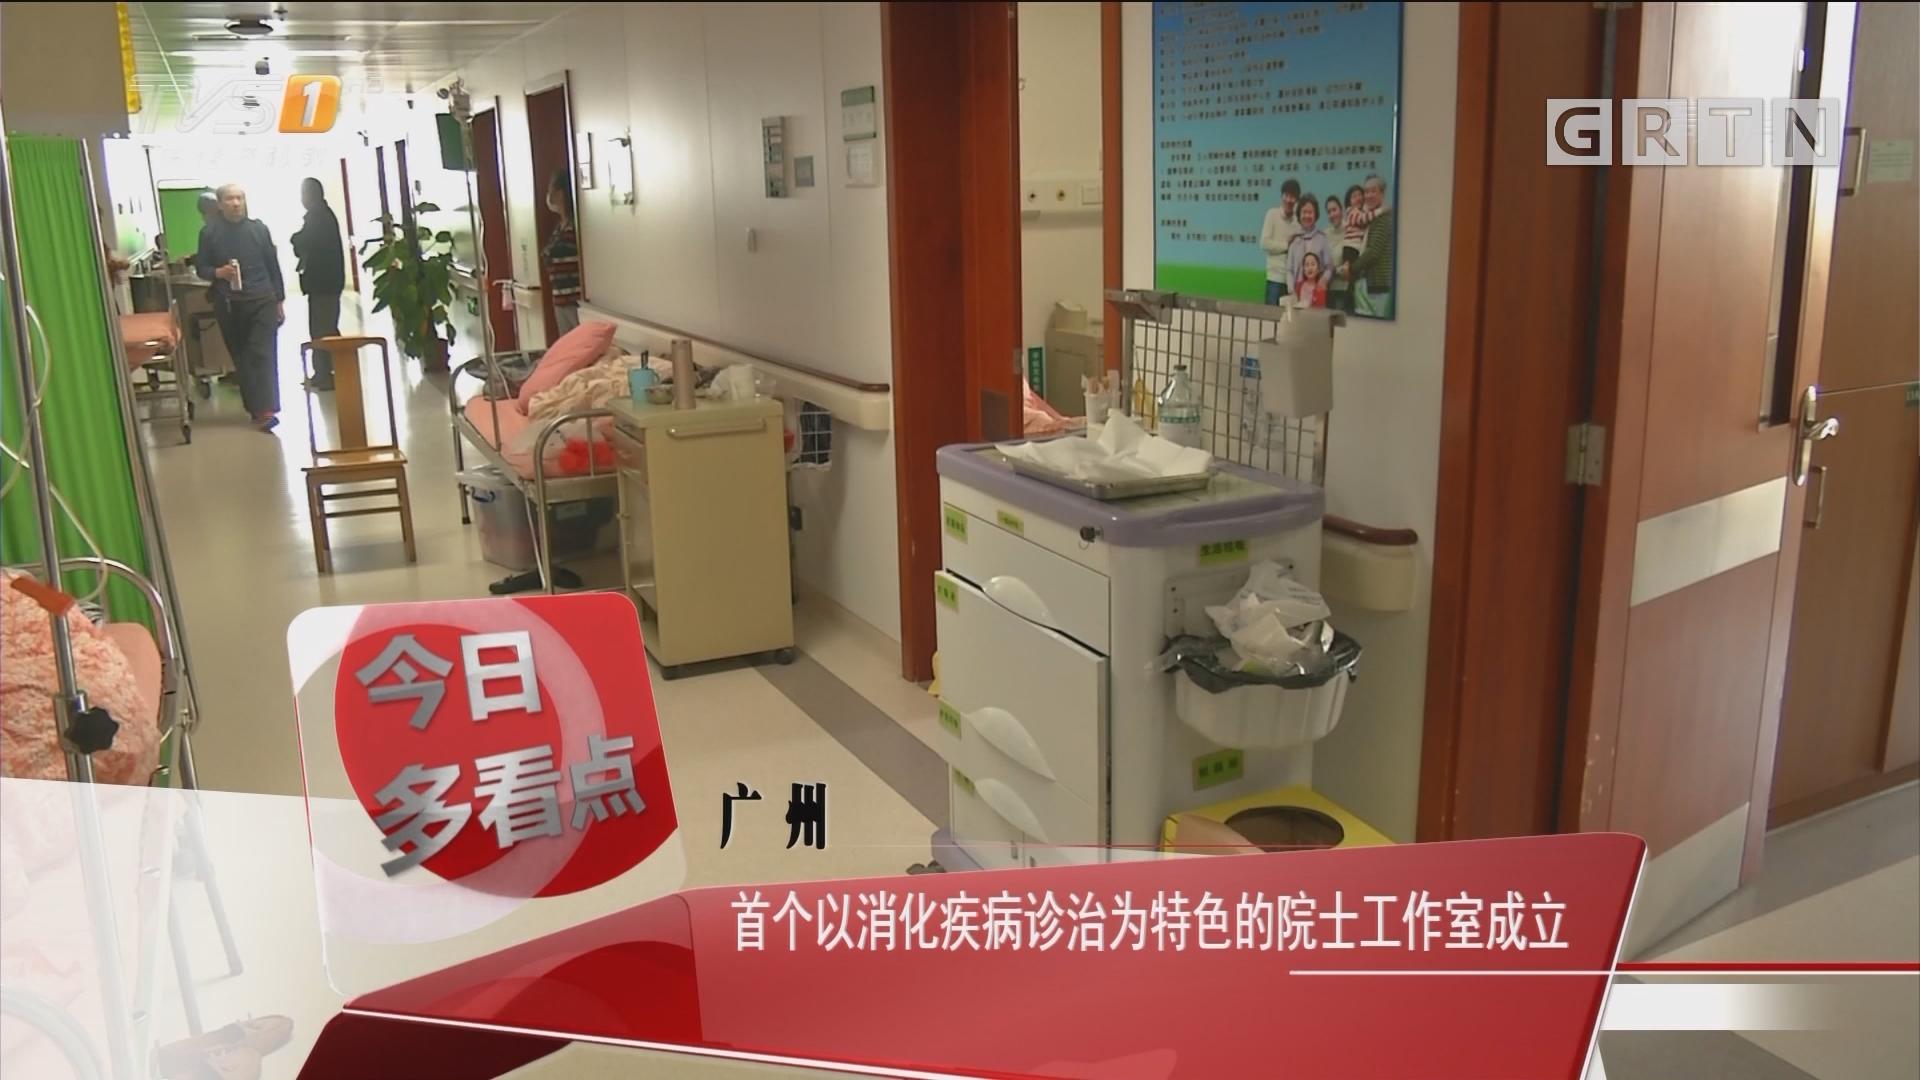 广州:首个以消化疾病诊治为特色的院士工作室成立